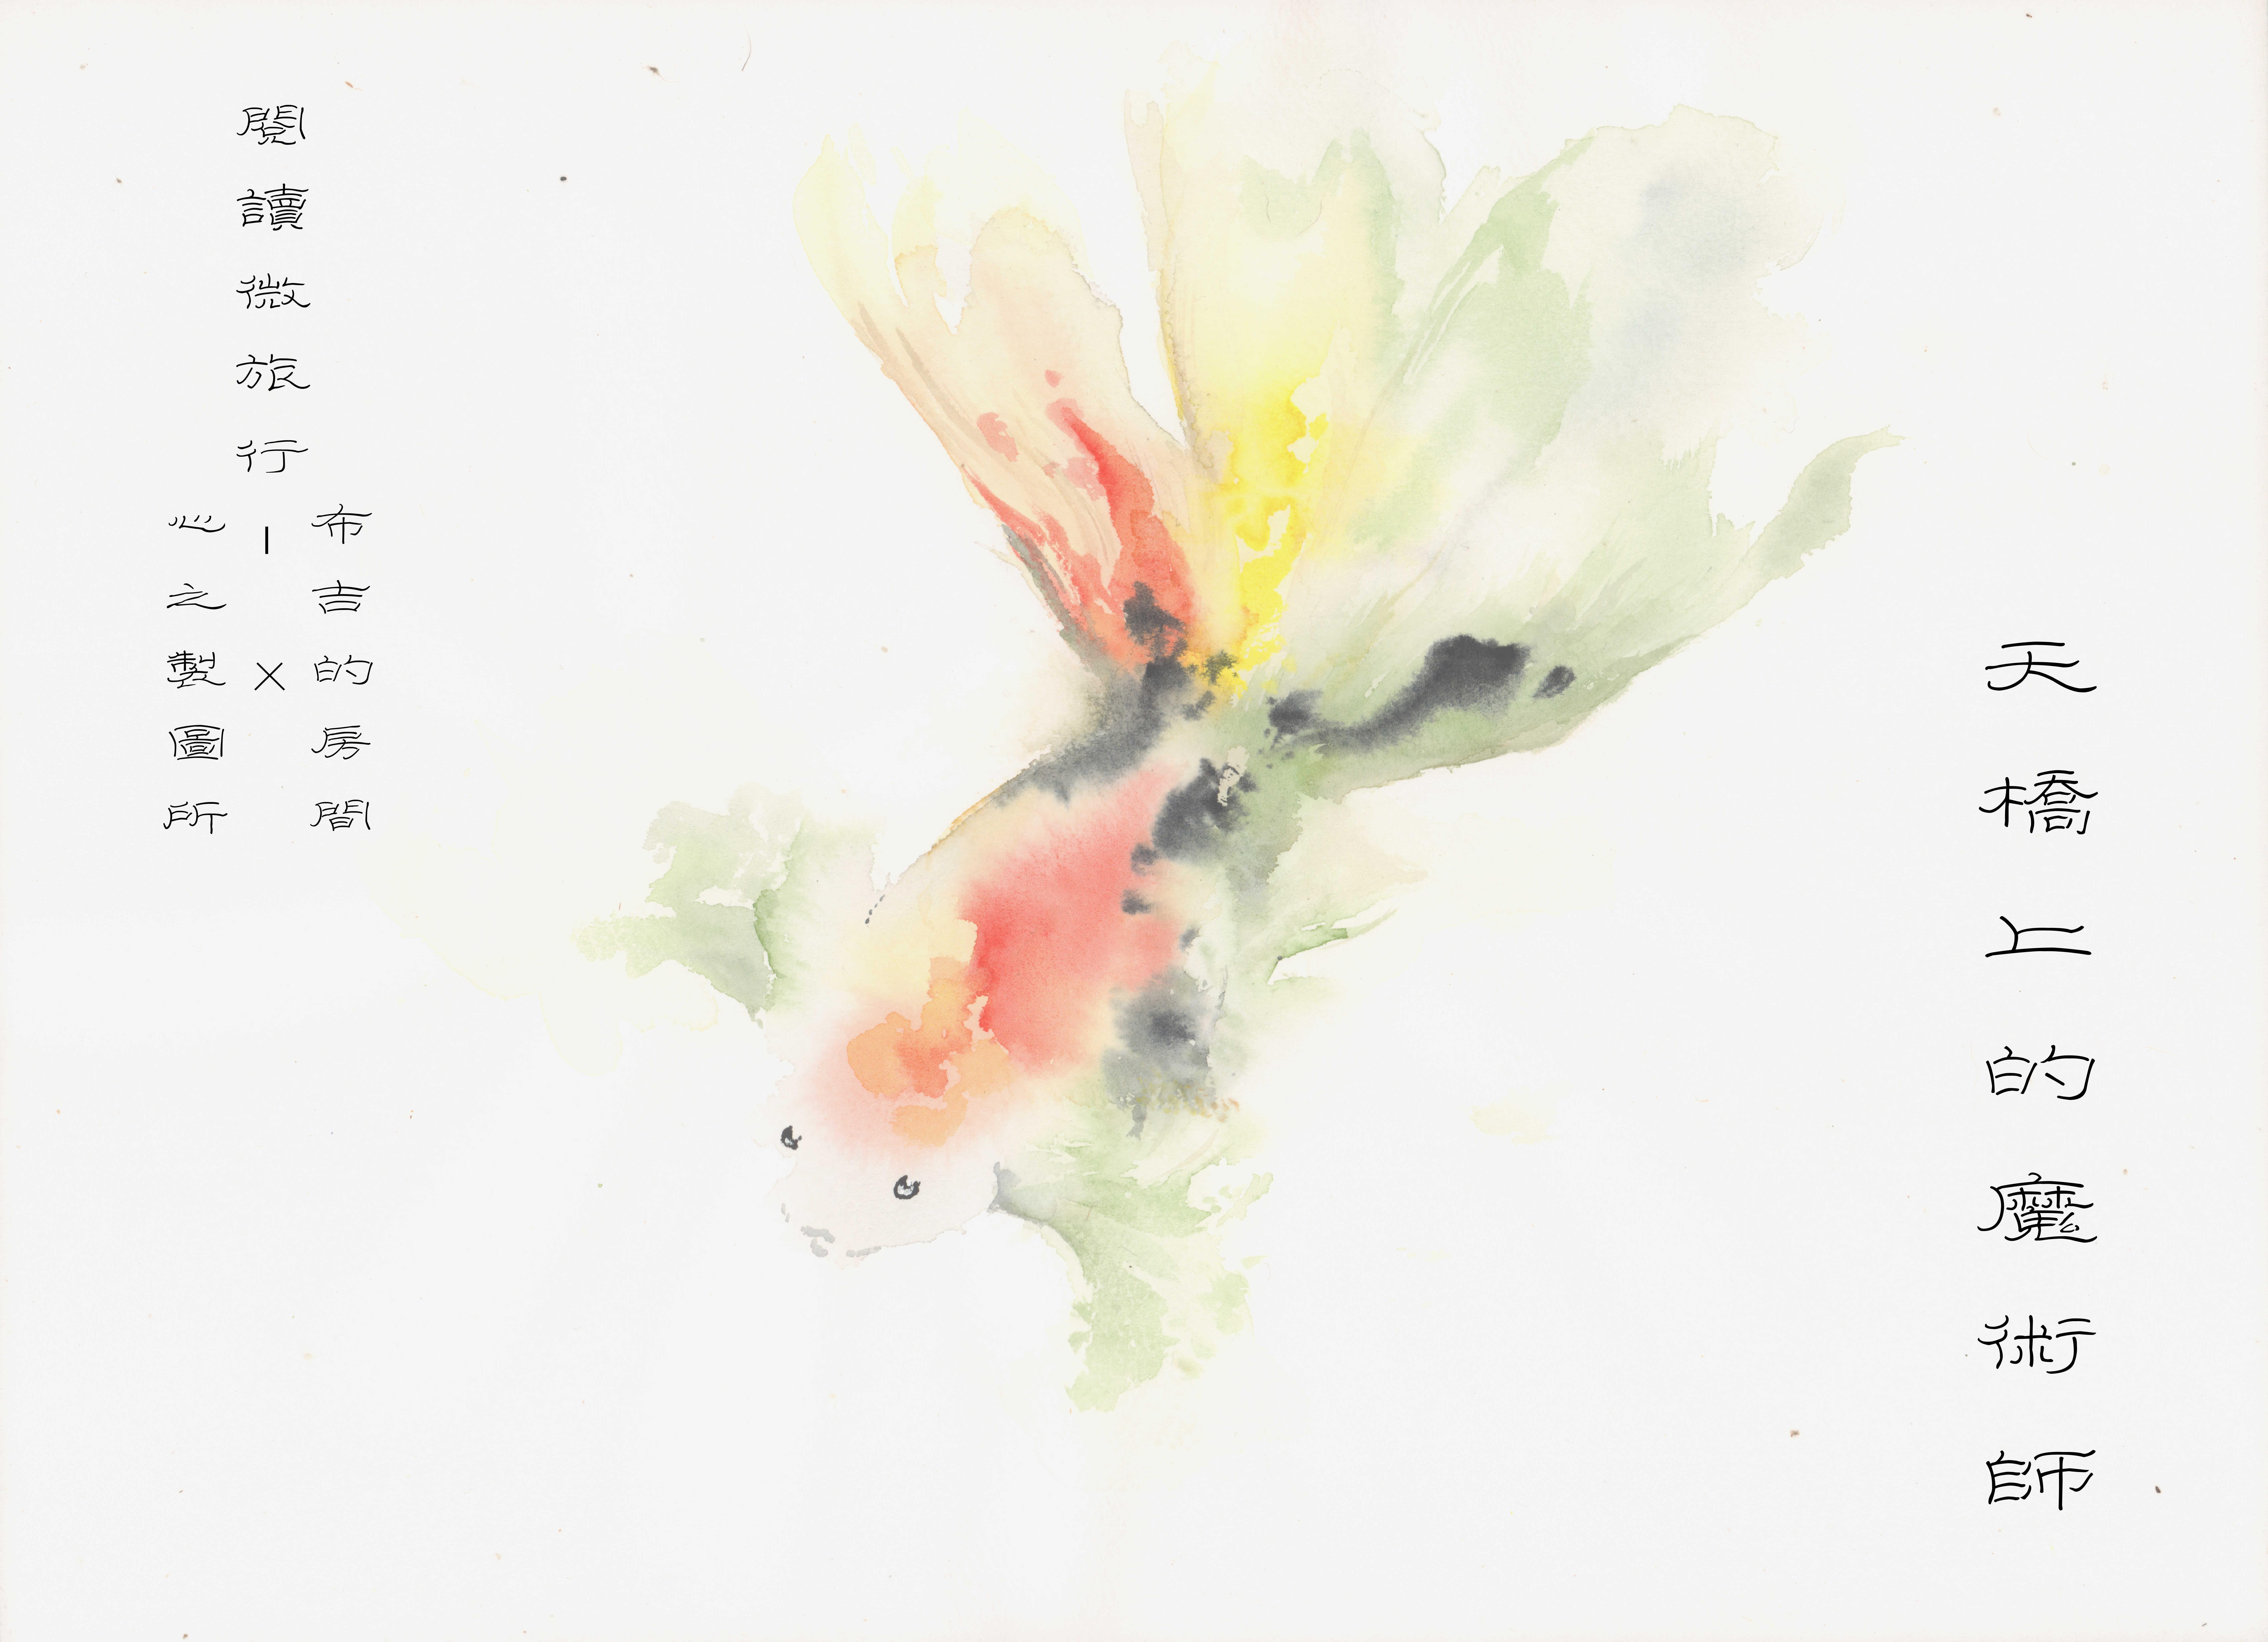 [布吉的房間]X[心之製圖所]S2E1-[天橋上的魔術師]-(上集)-孤獨與生命-廣播-閱讀微旅行